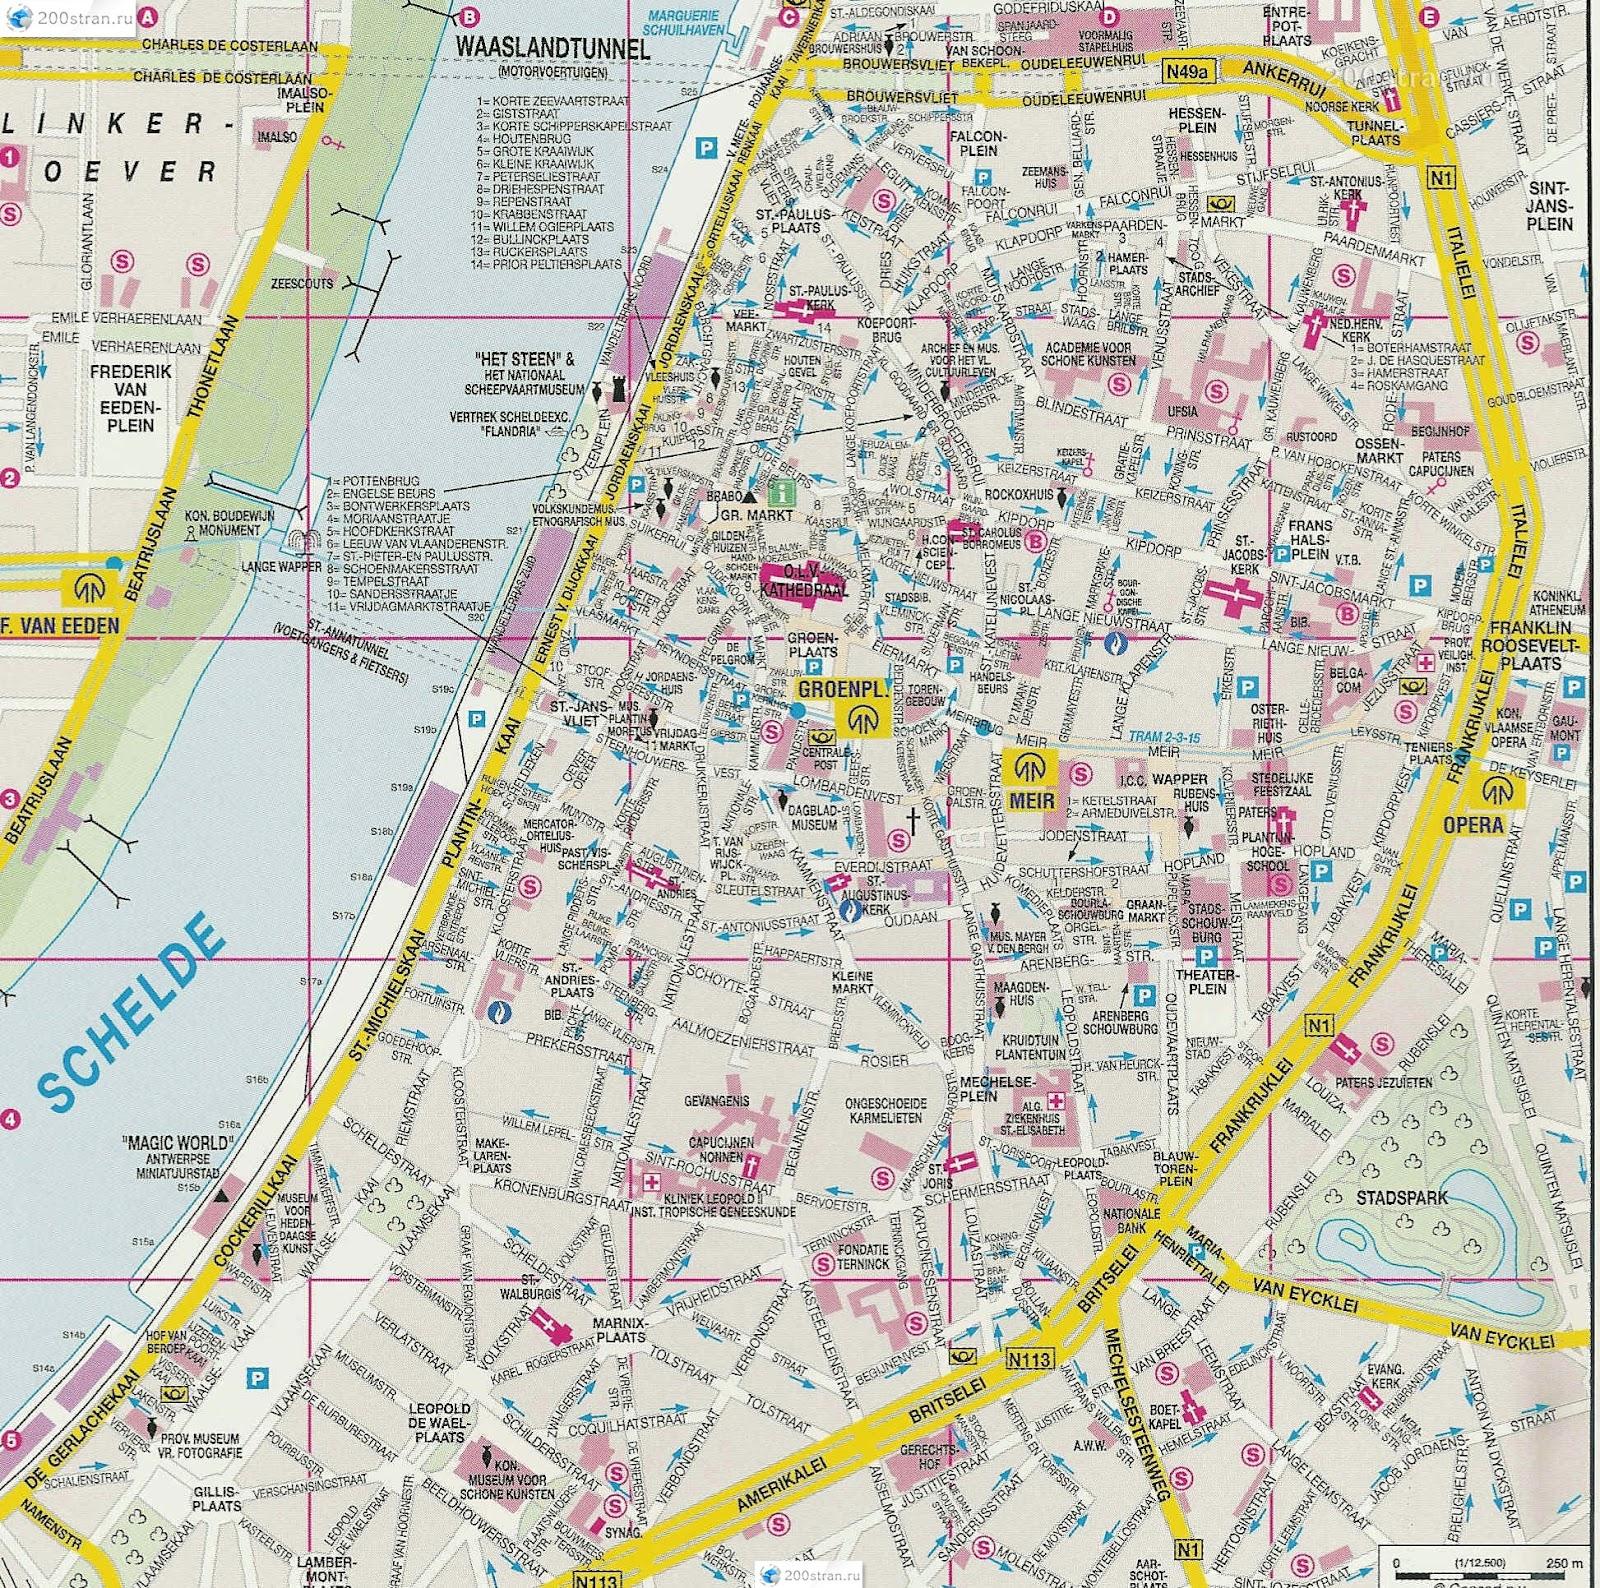 map of antwerp belgium